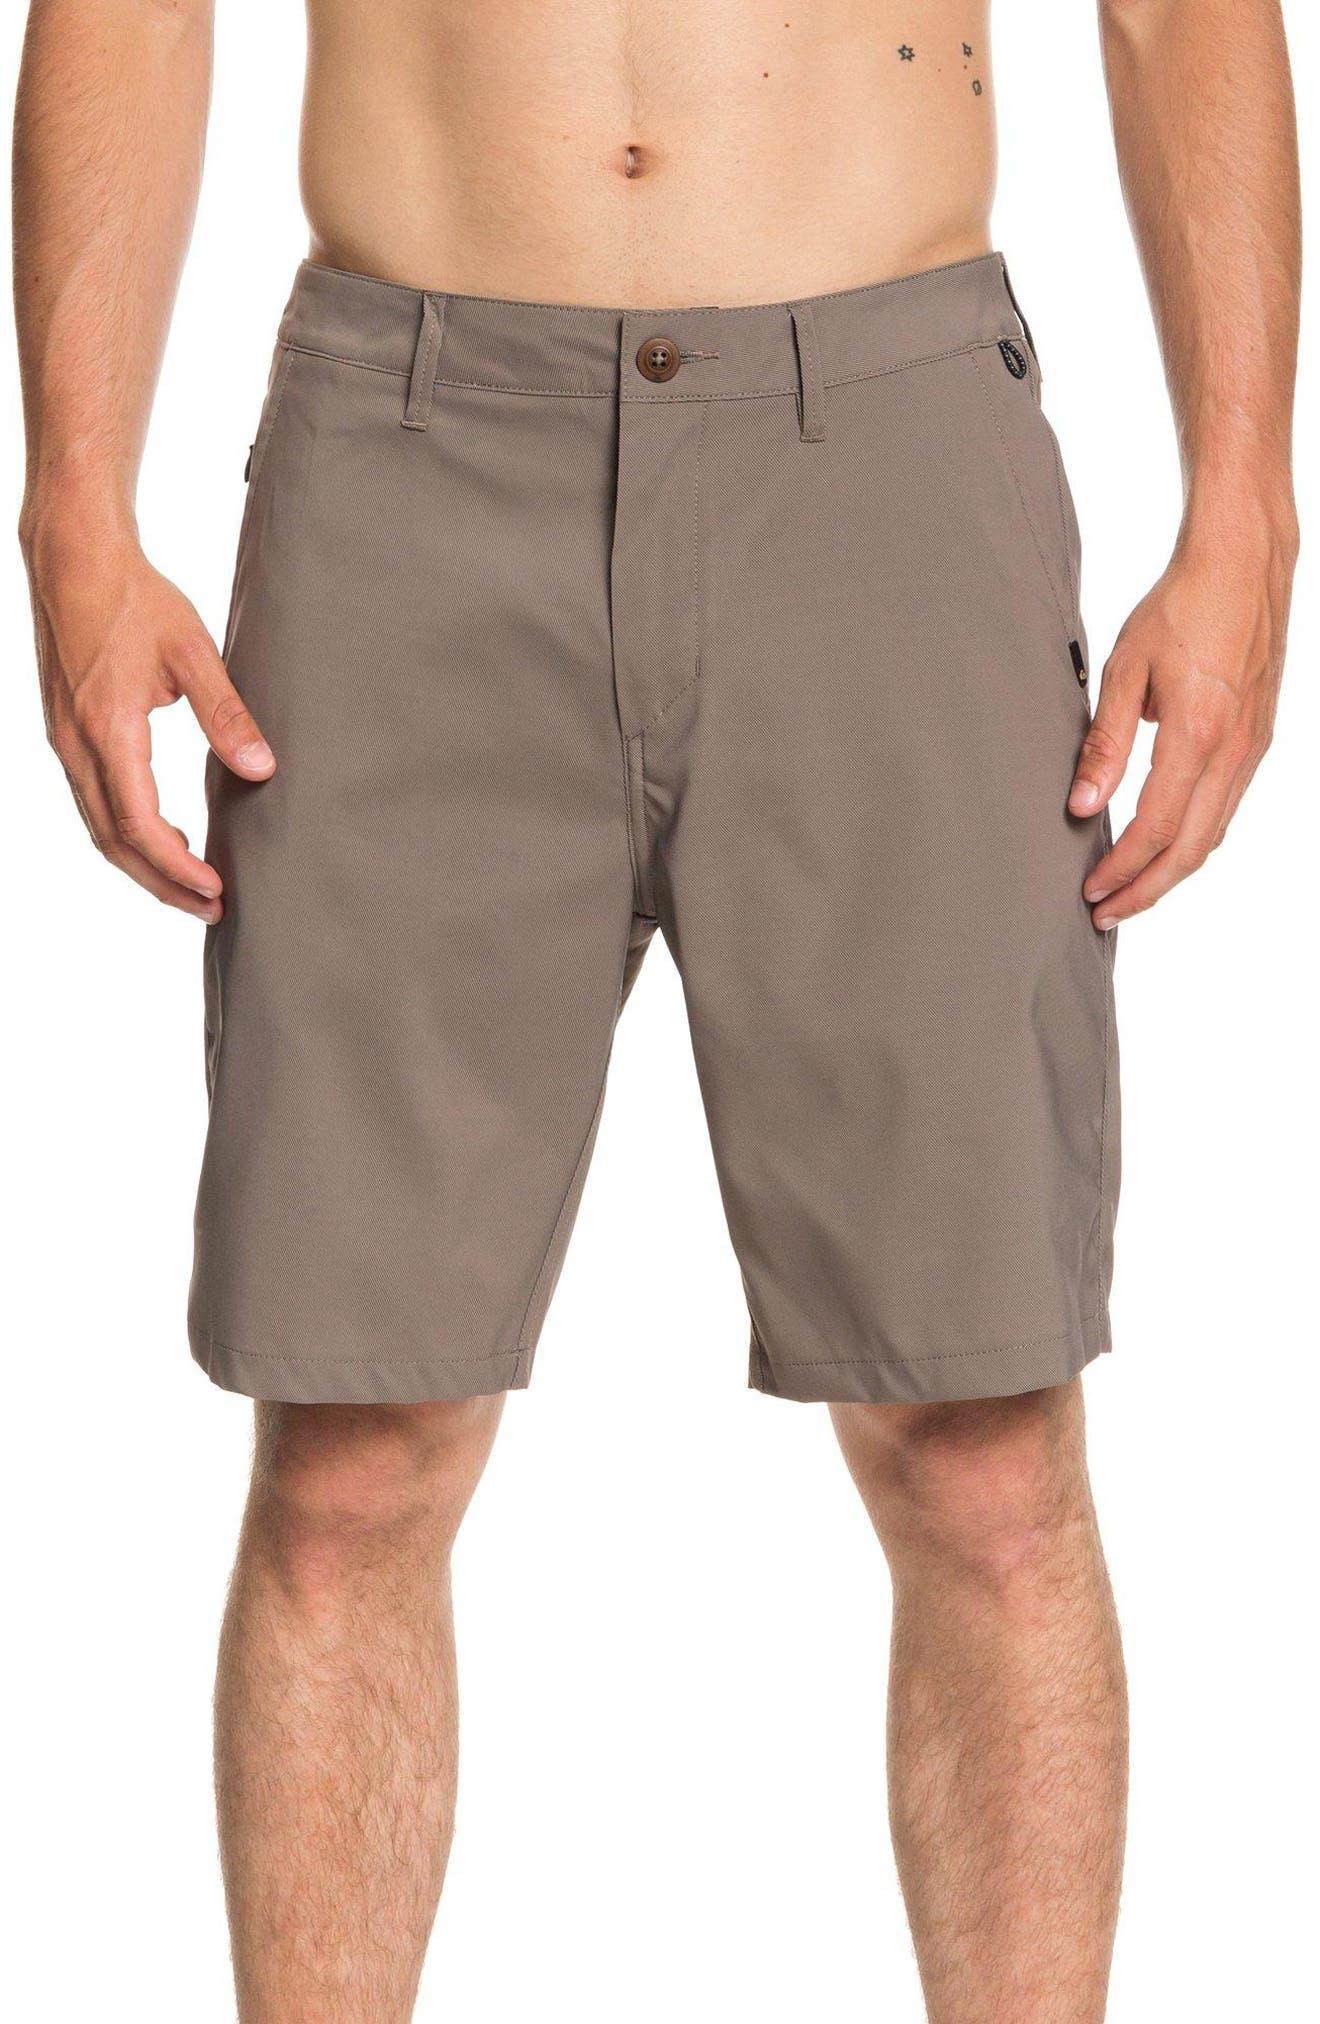 Transit Twill Amphibian Shorts,                             Main thumbnail 1, color,                             FALCON